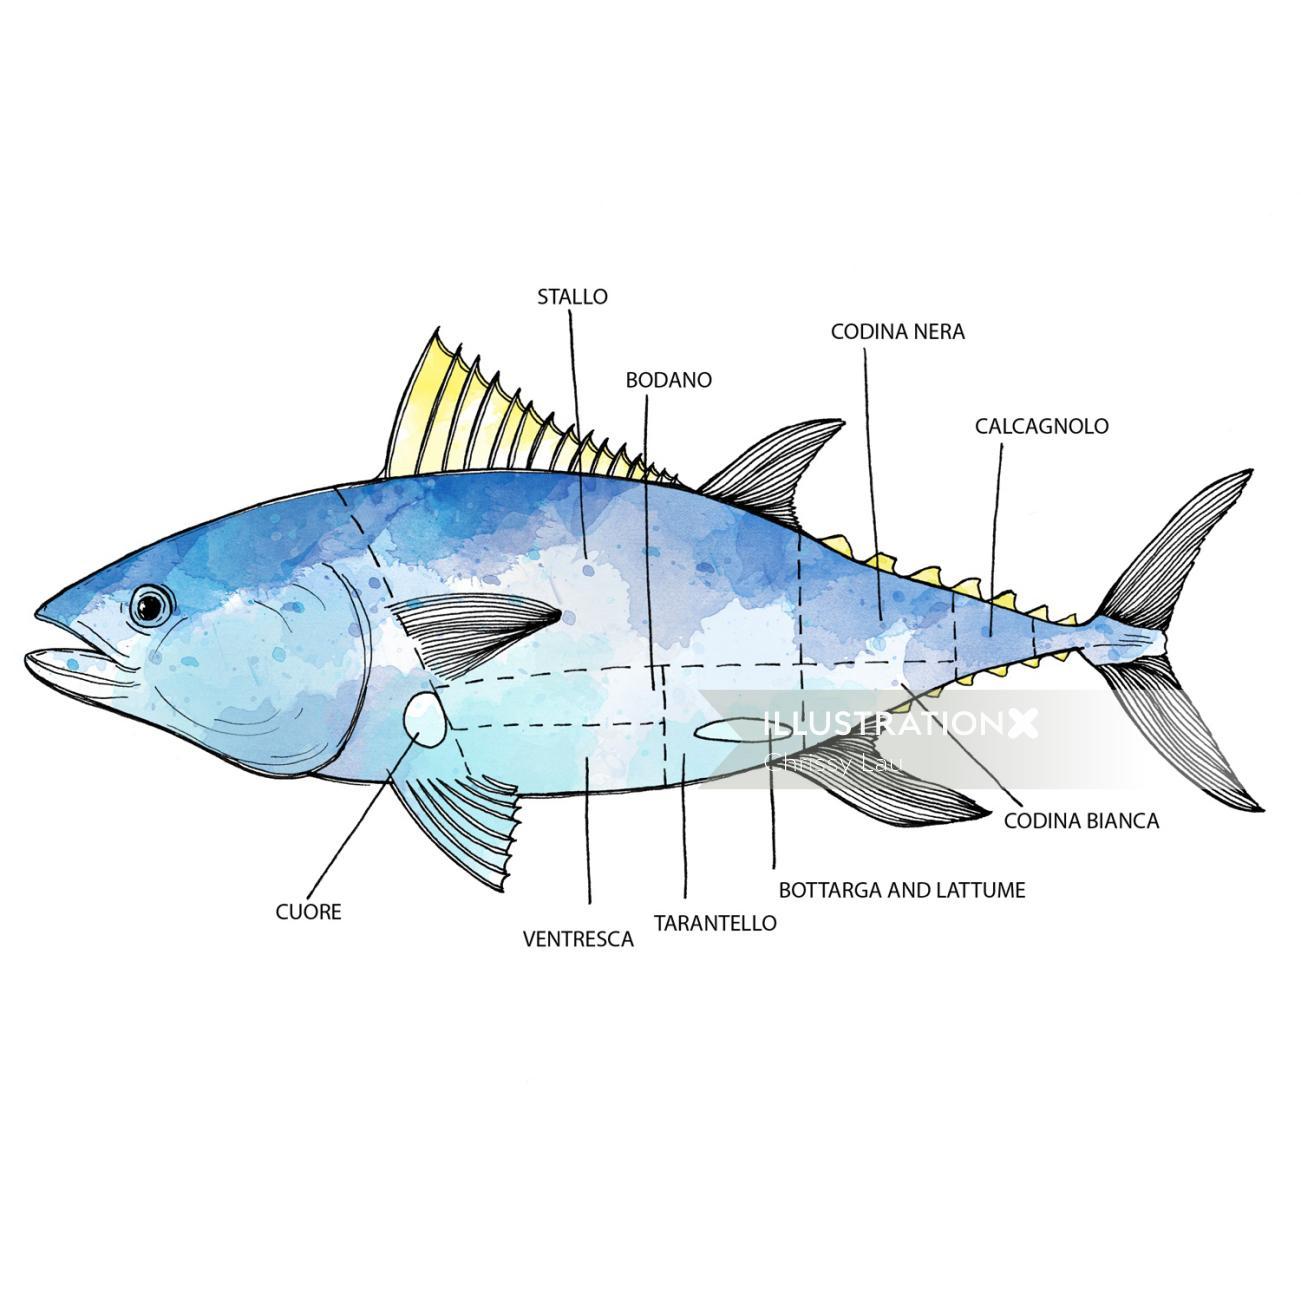 Conceptual art of fish body parts explain